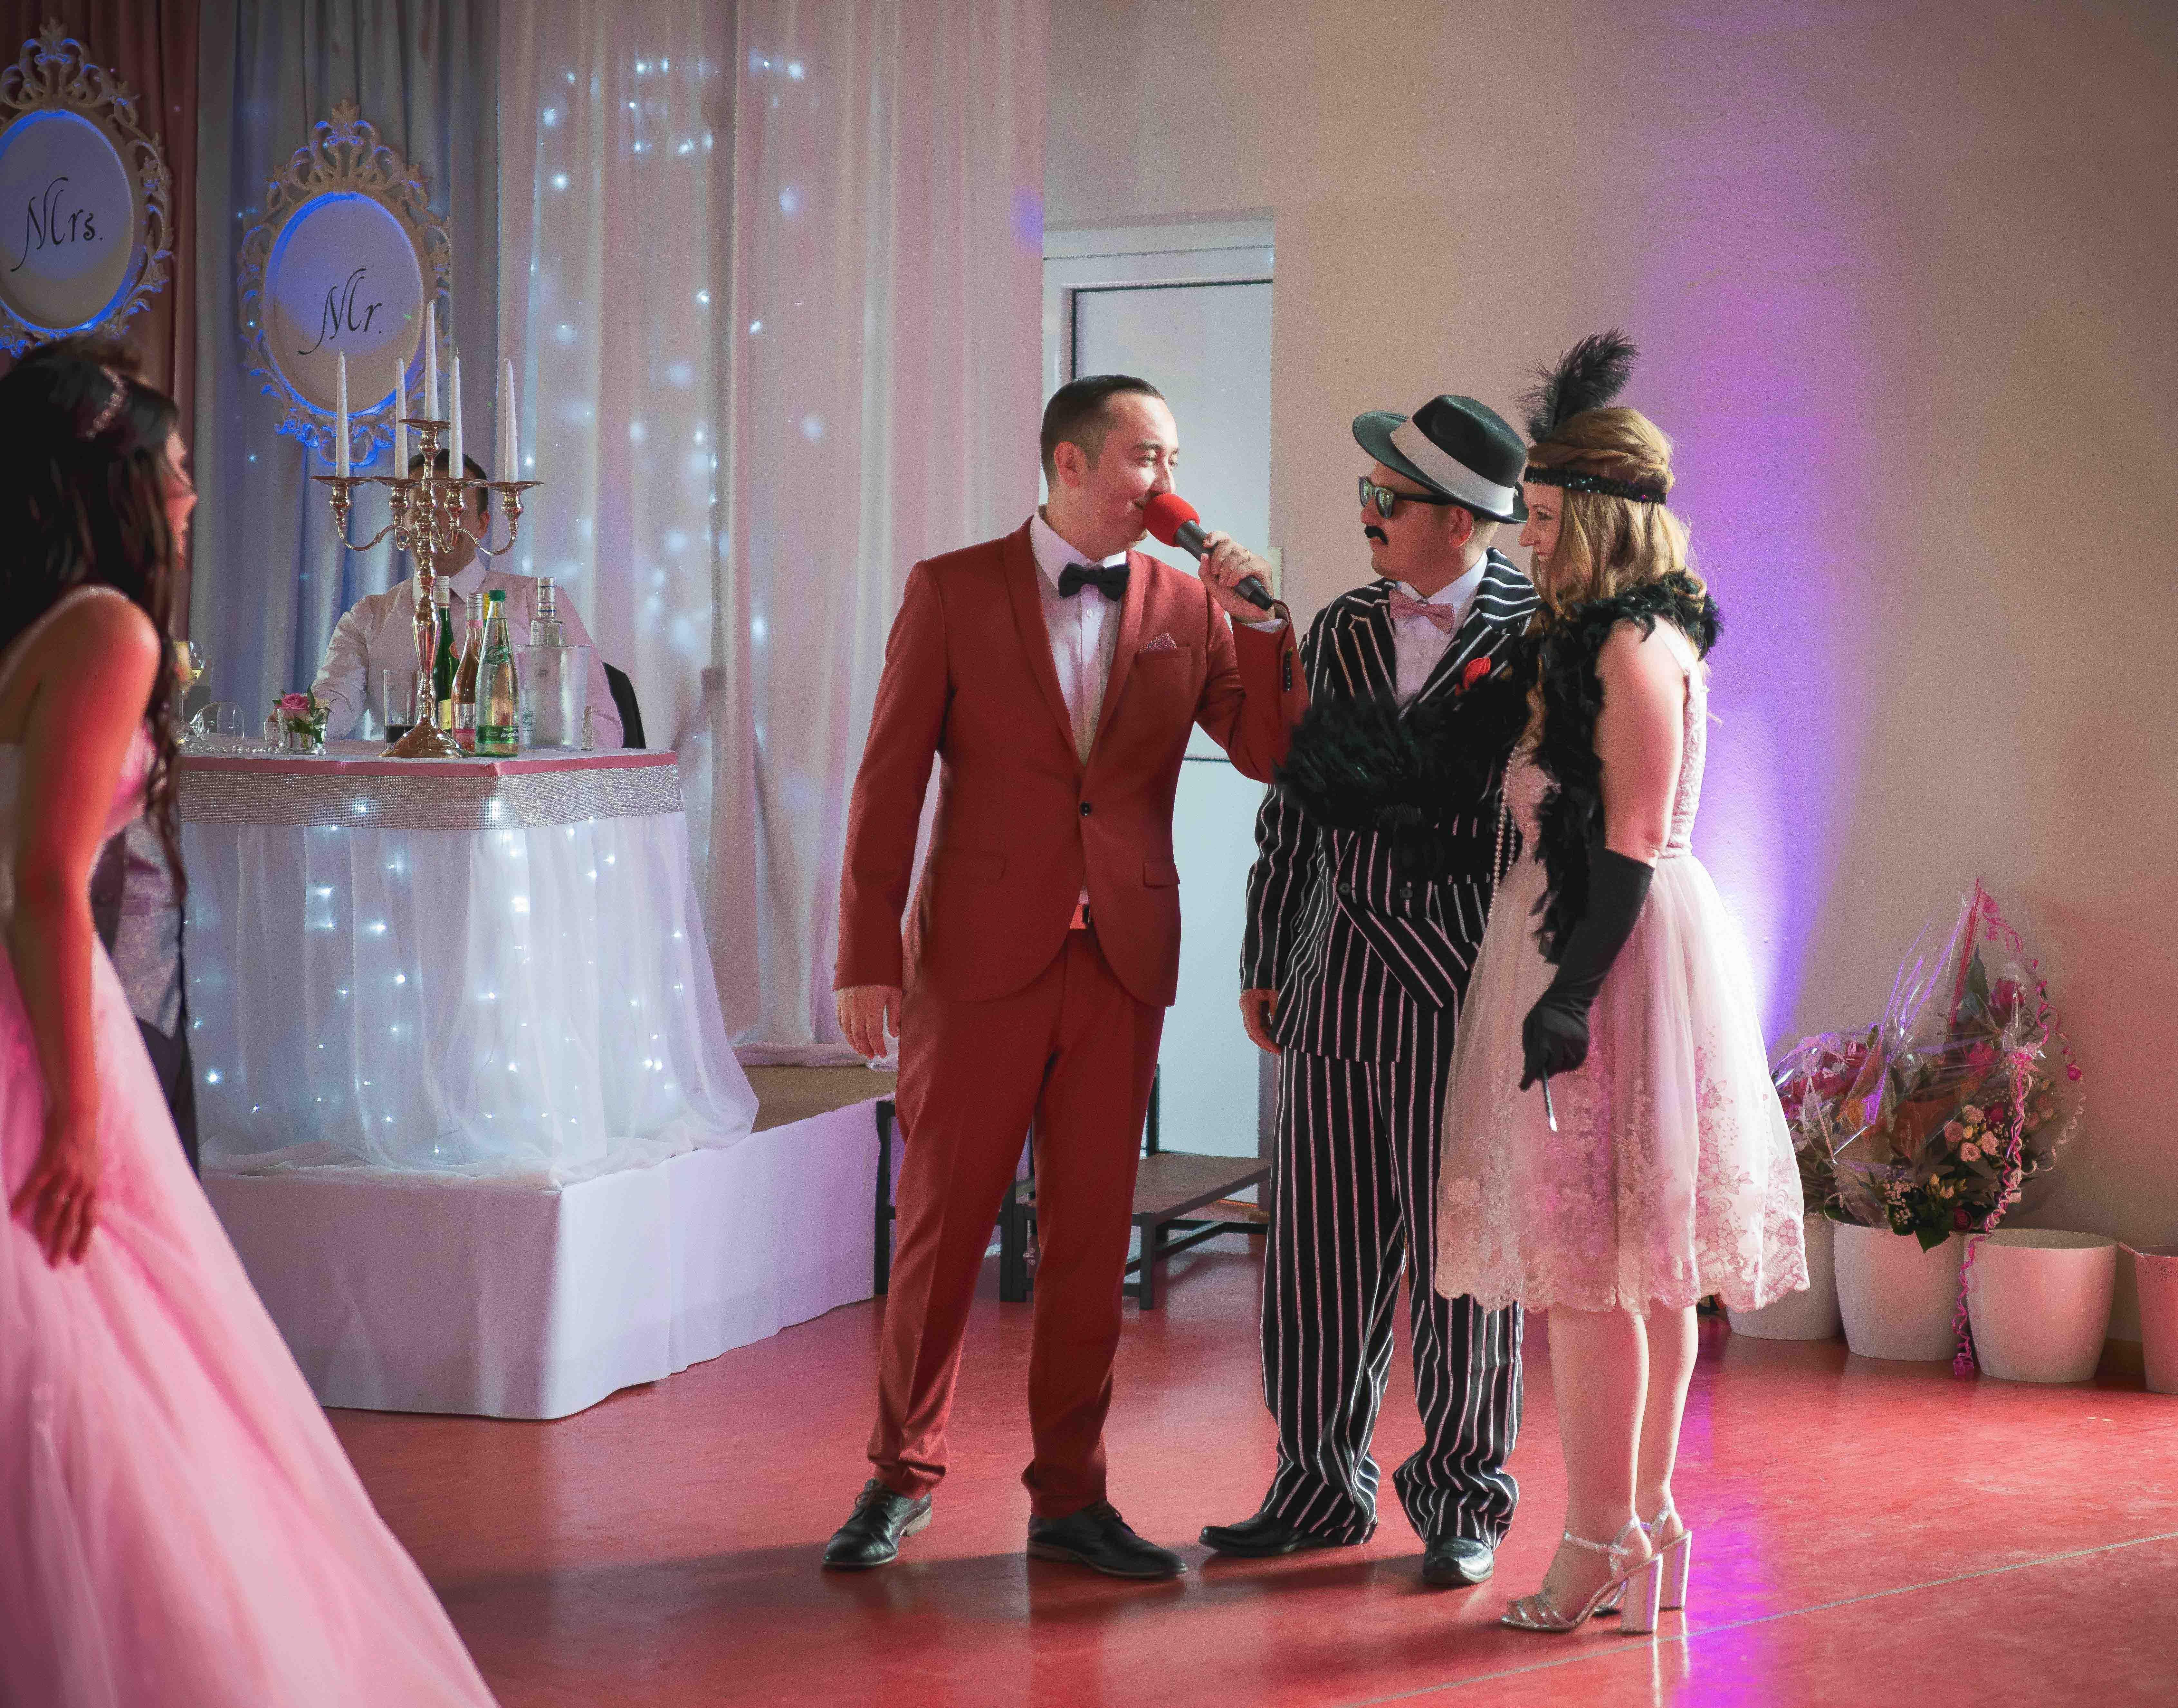 Polnische Hochzeit Bedeutet 48 Stunden Party